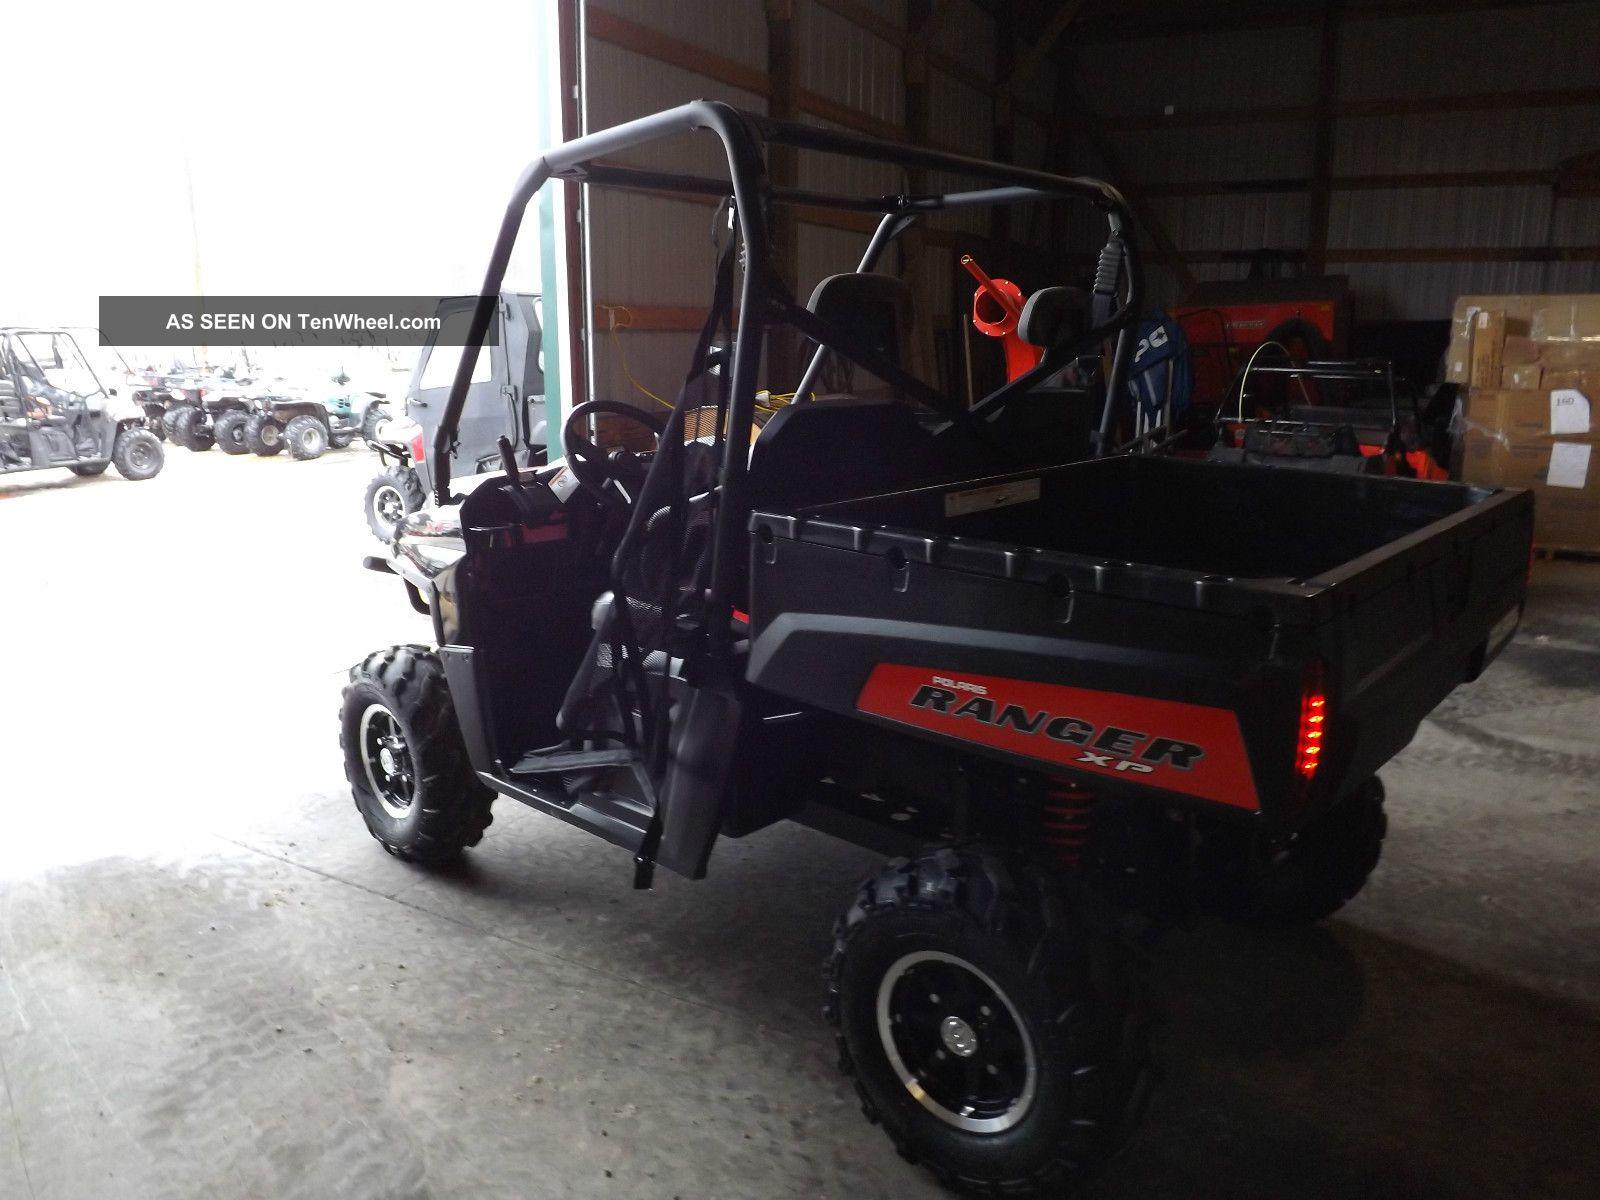 2011 Polaris Ranger 800 Efi 4x4 Le